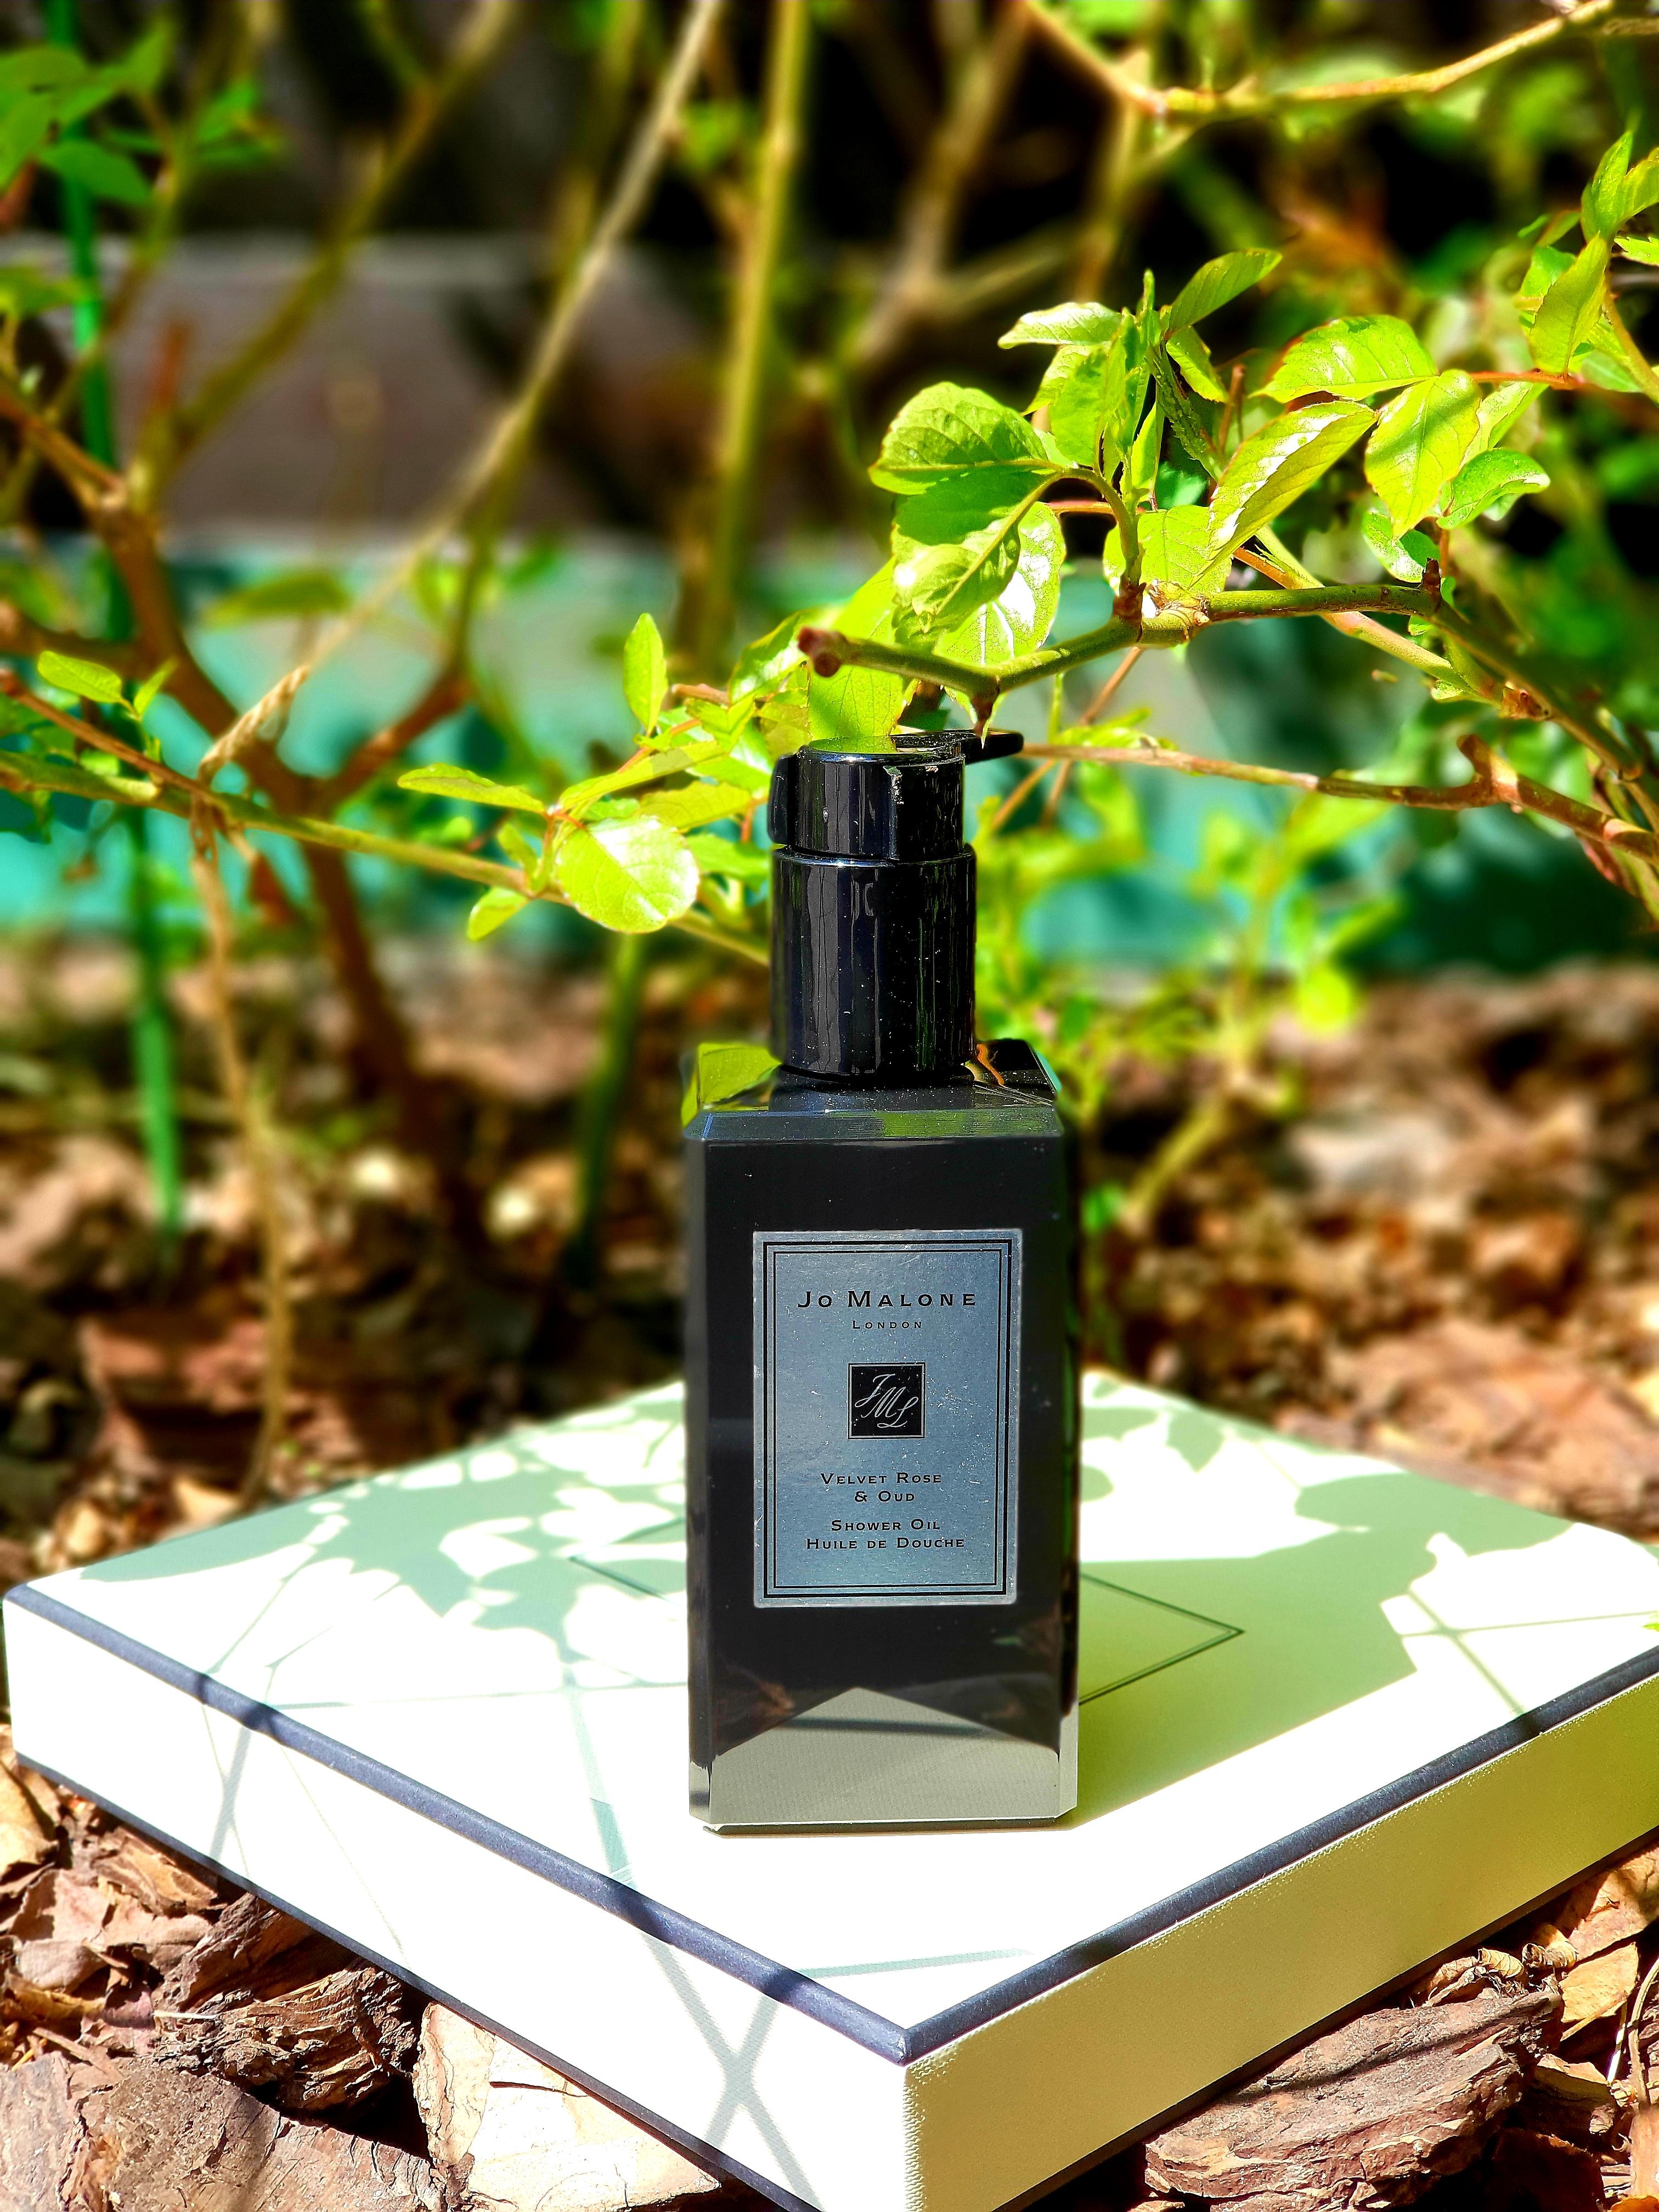 Jo Malone Velvet Rose & Oud Shower Oil